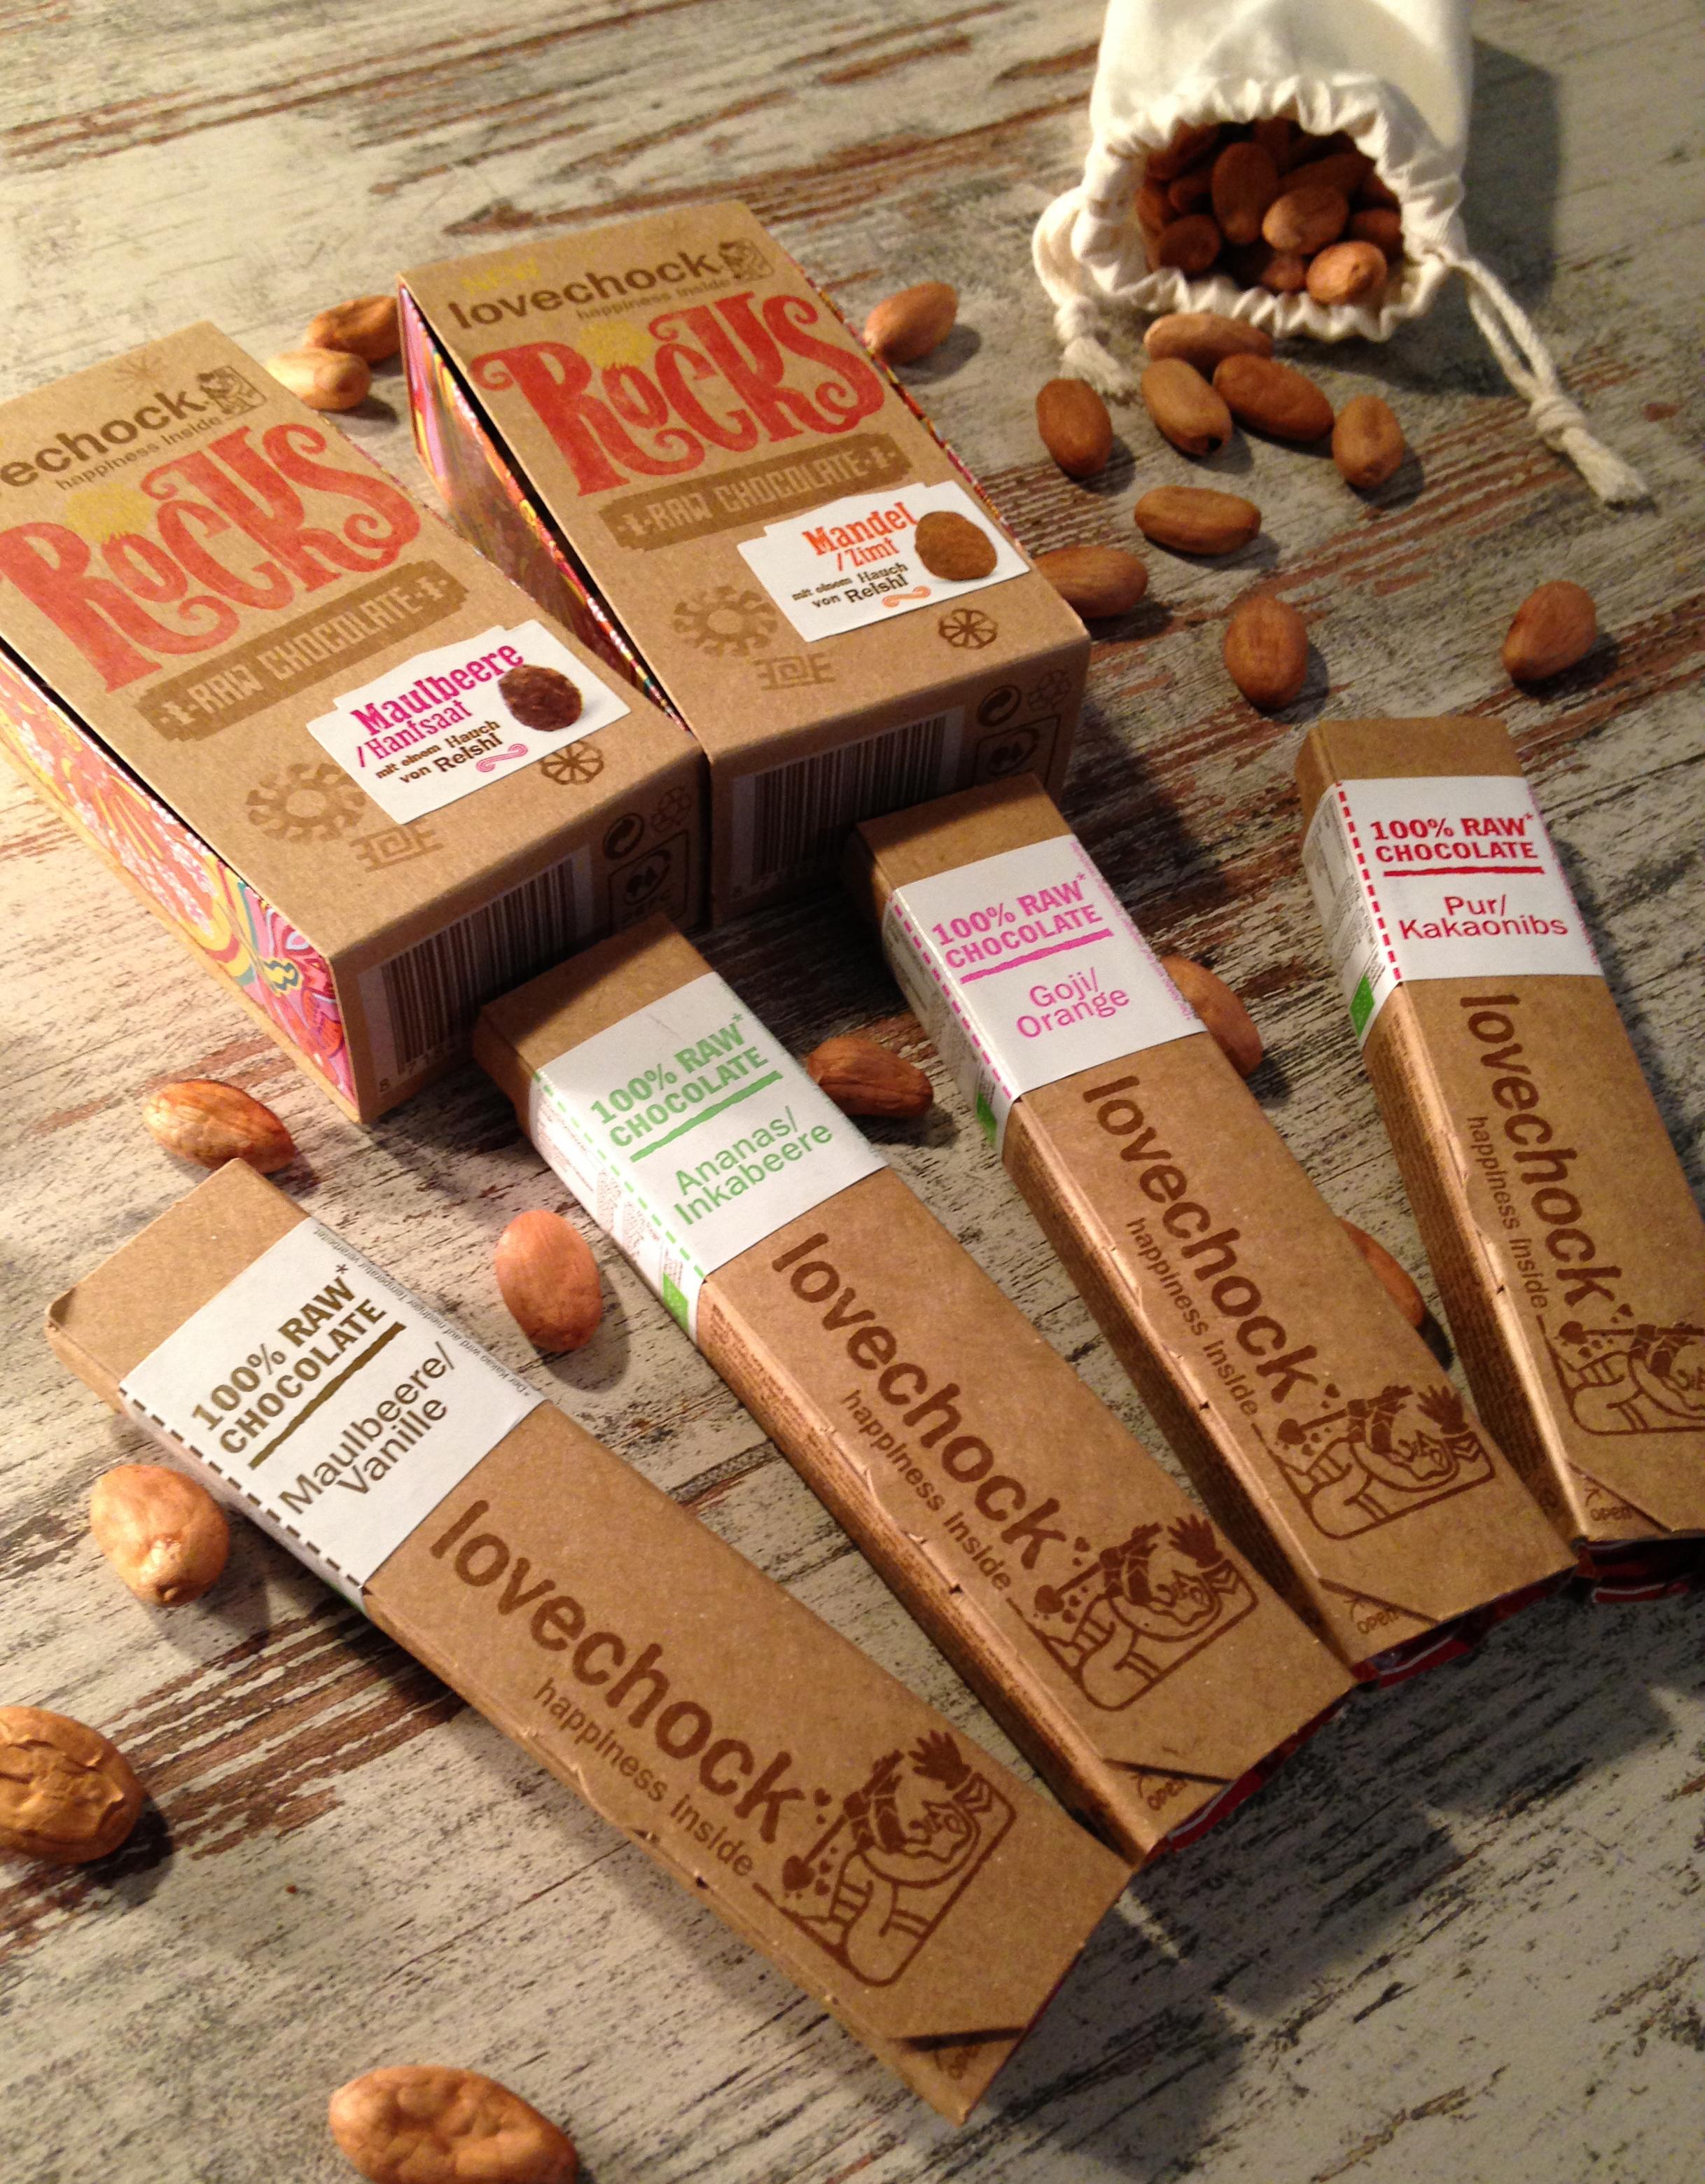 zwei jahre blog-freude & eine kleine freude für euch | lovechock raw chocolate | two years of blogging joy ❤